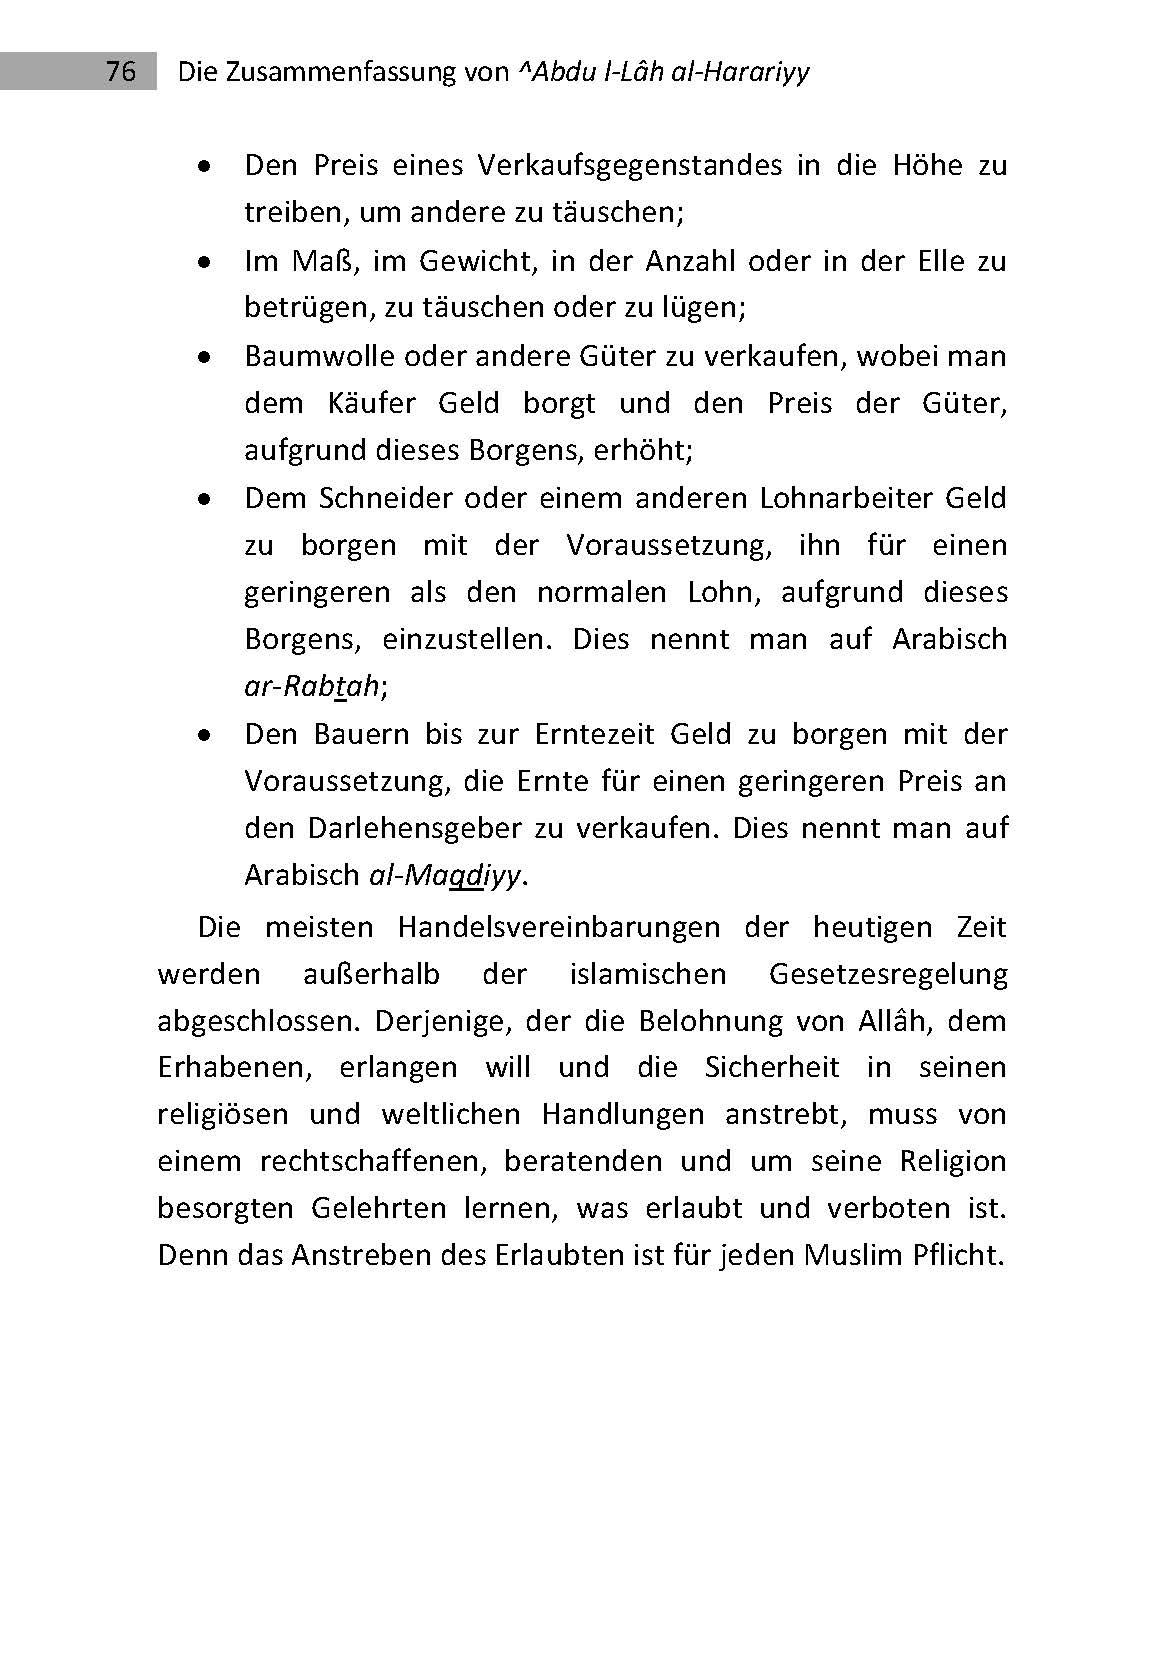 Die Zusammenfassung - 3. Auflage 2014_Seite_76